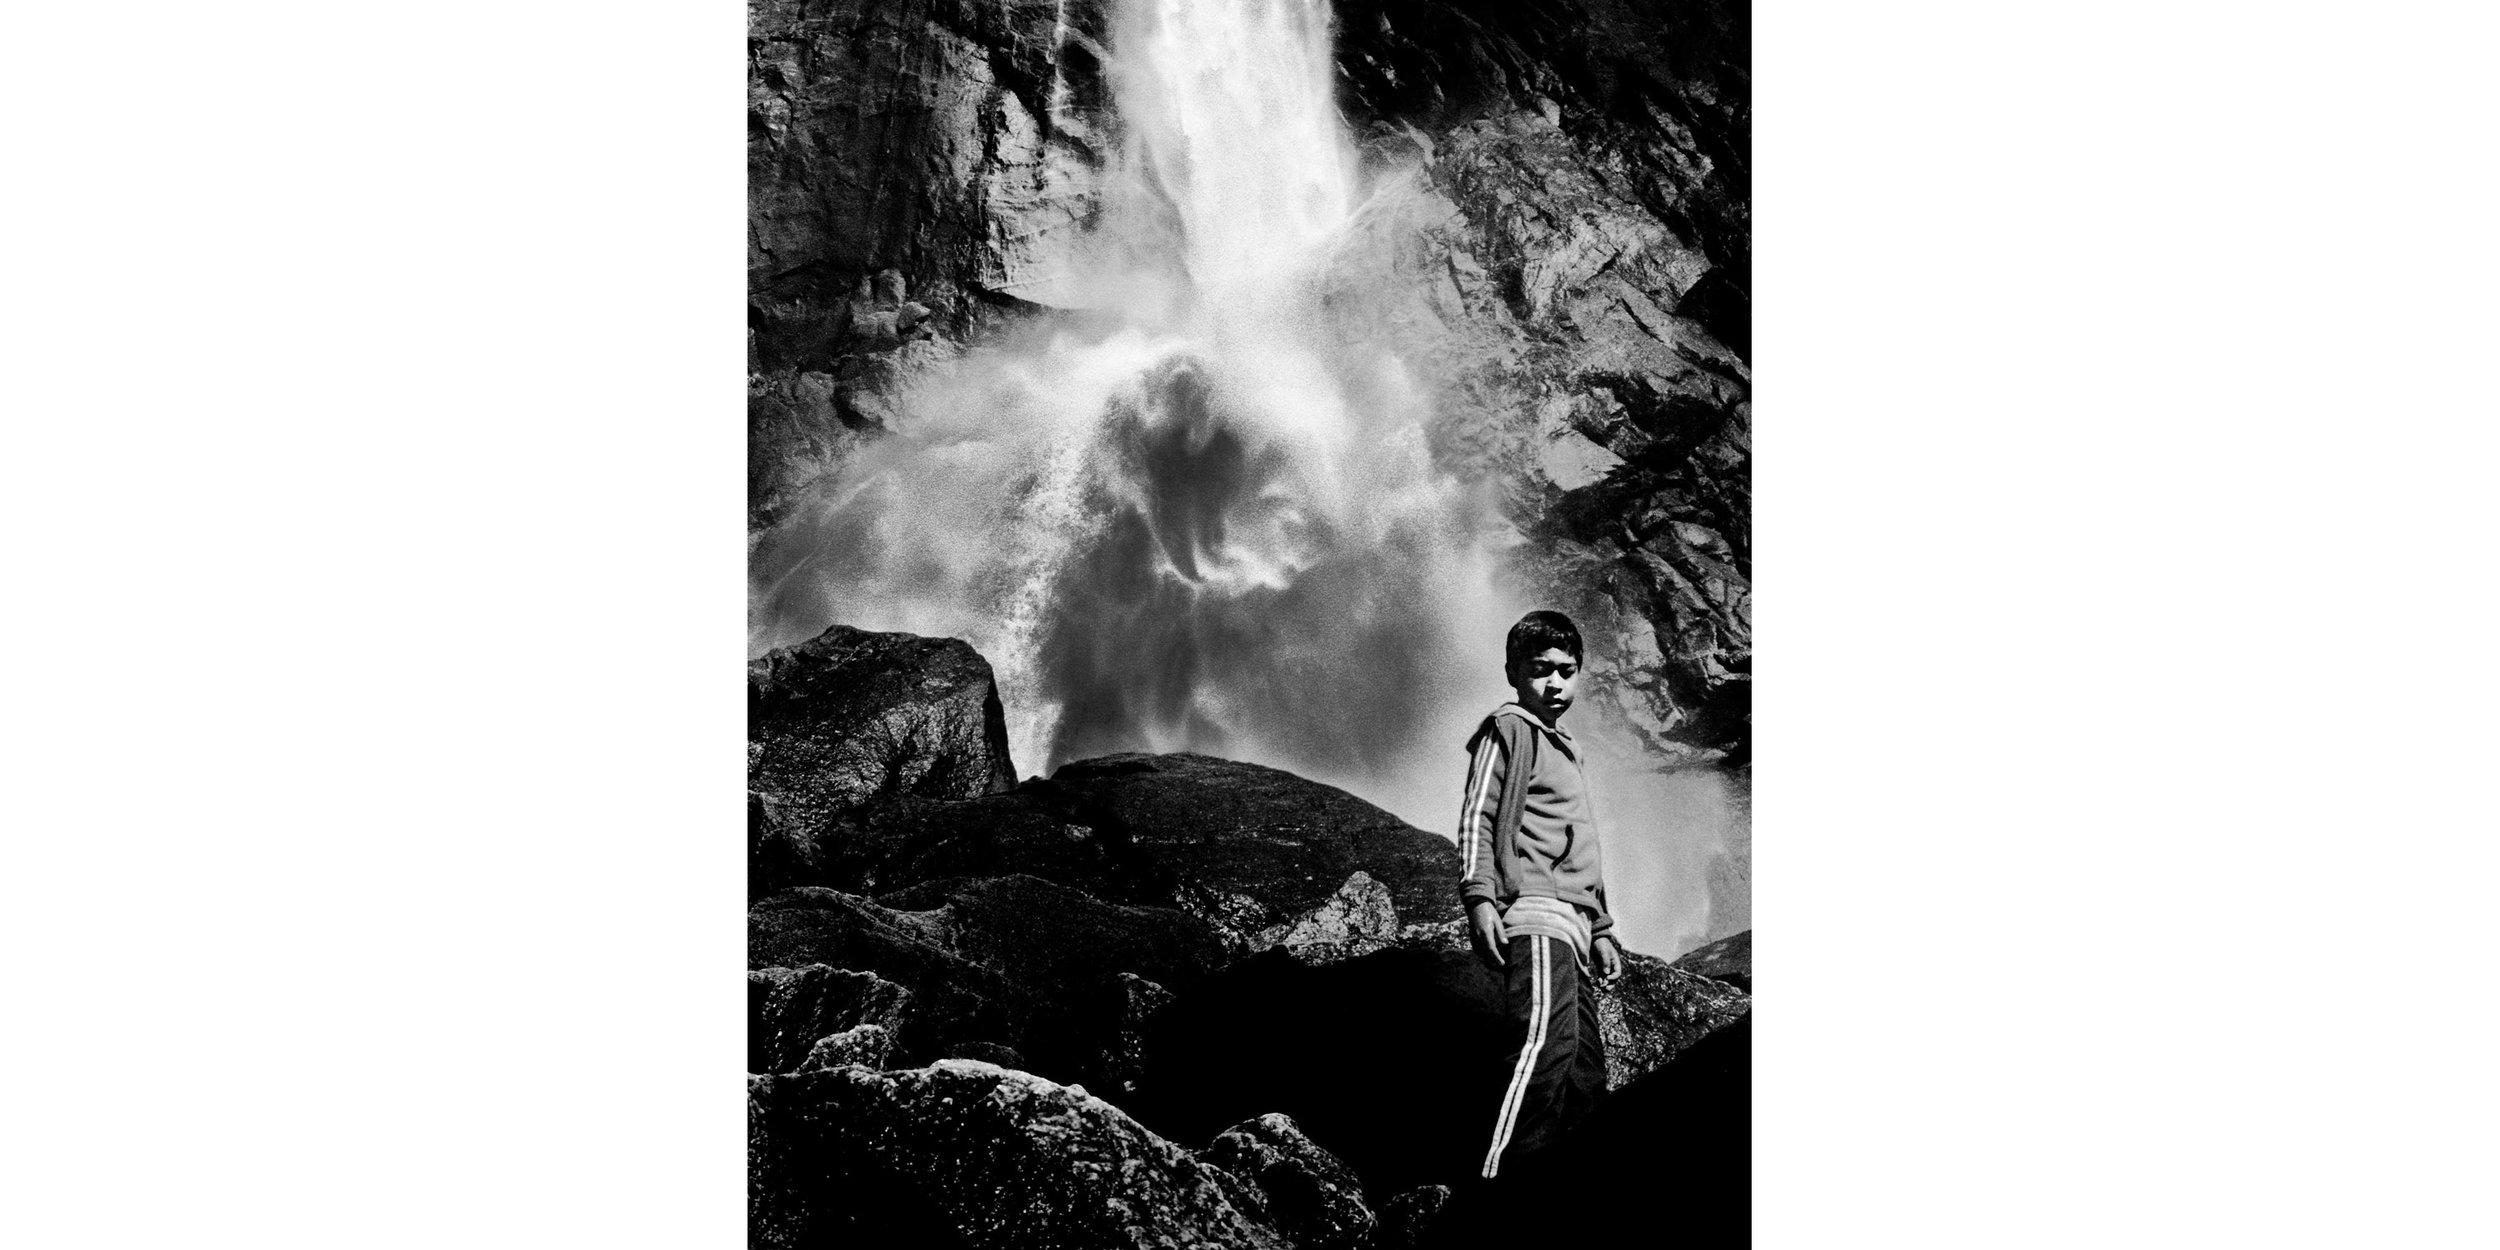 boy waterfall.jpg